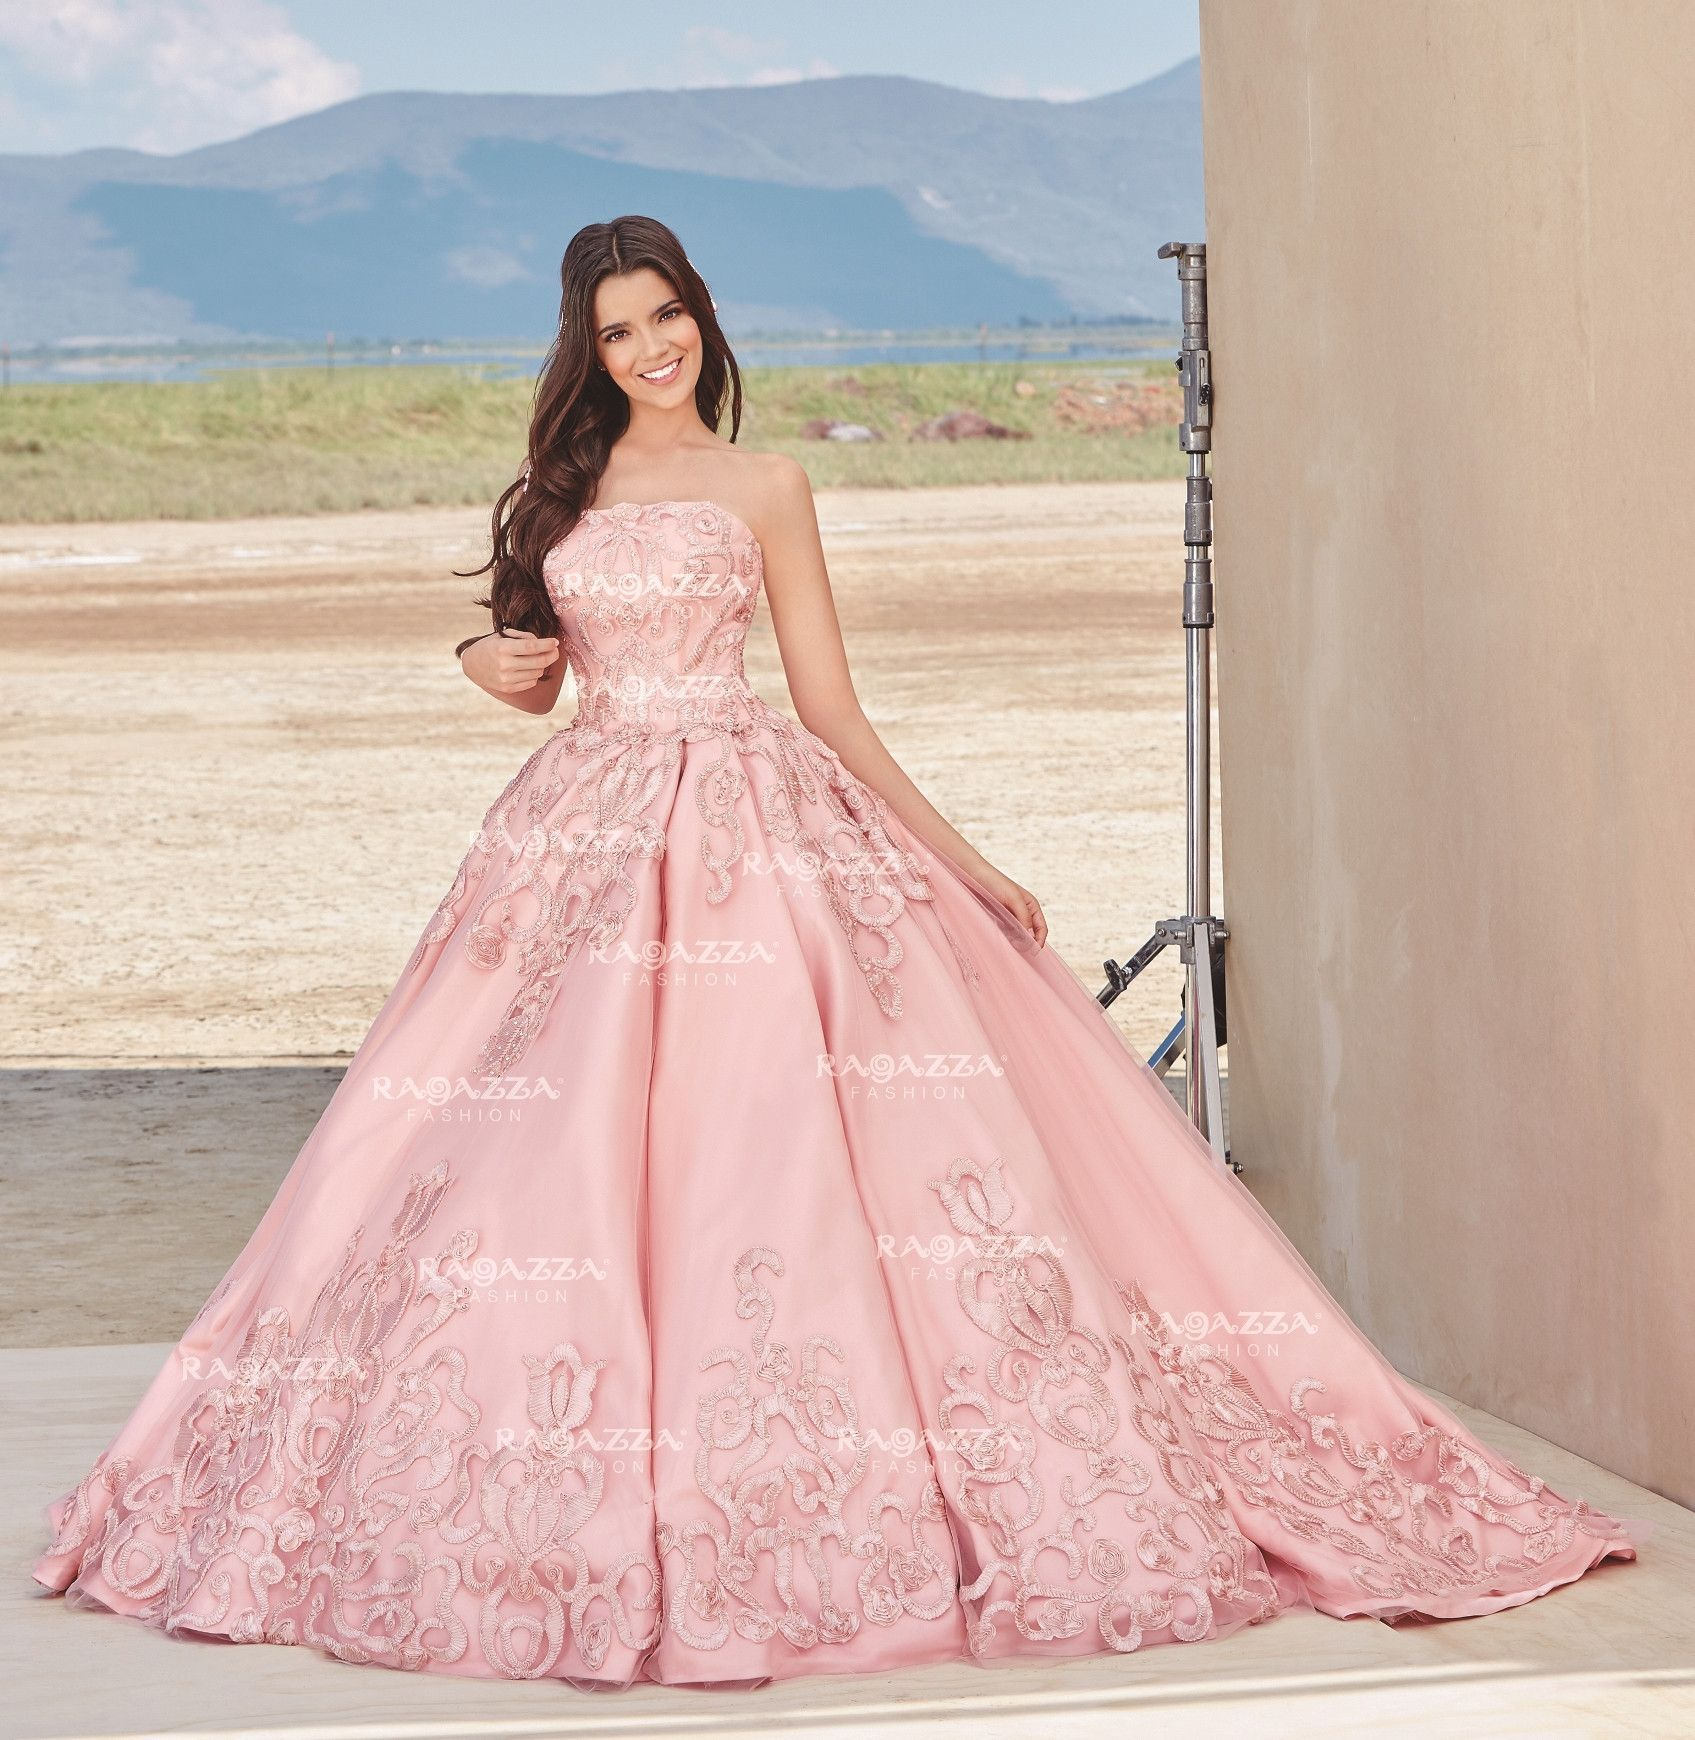 Fantástico Vestidos De Fiesta En Mcallen Tx Inspiración - Colección ...